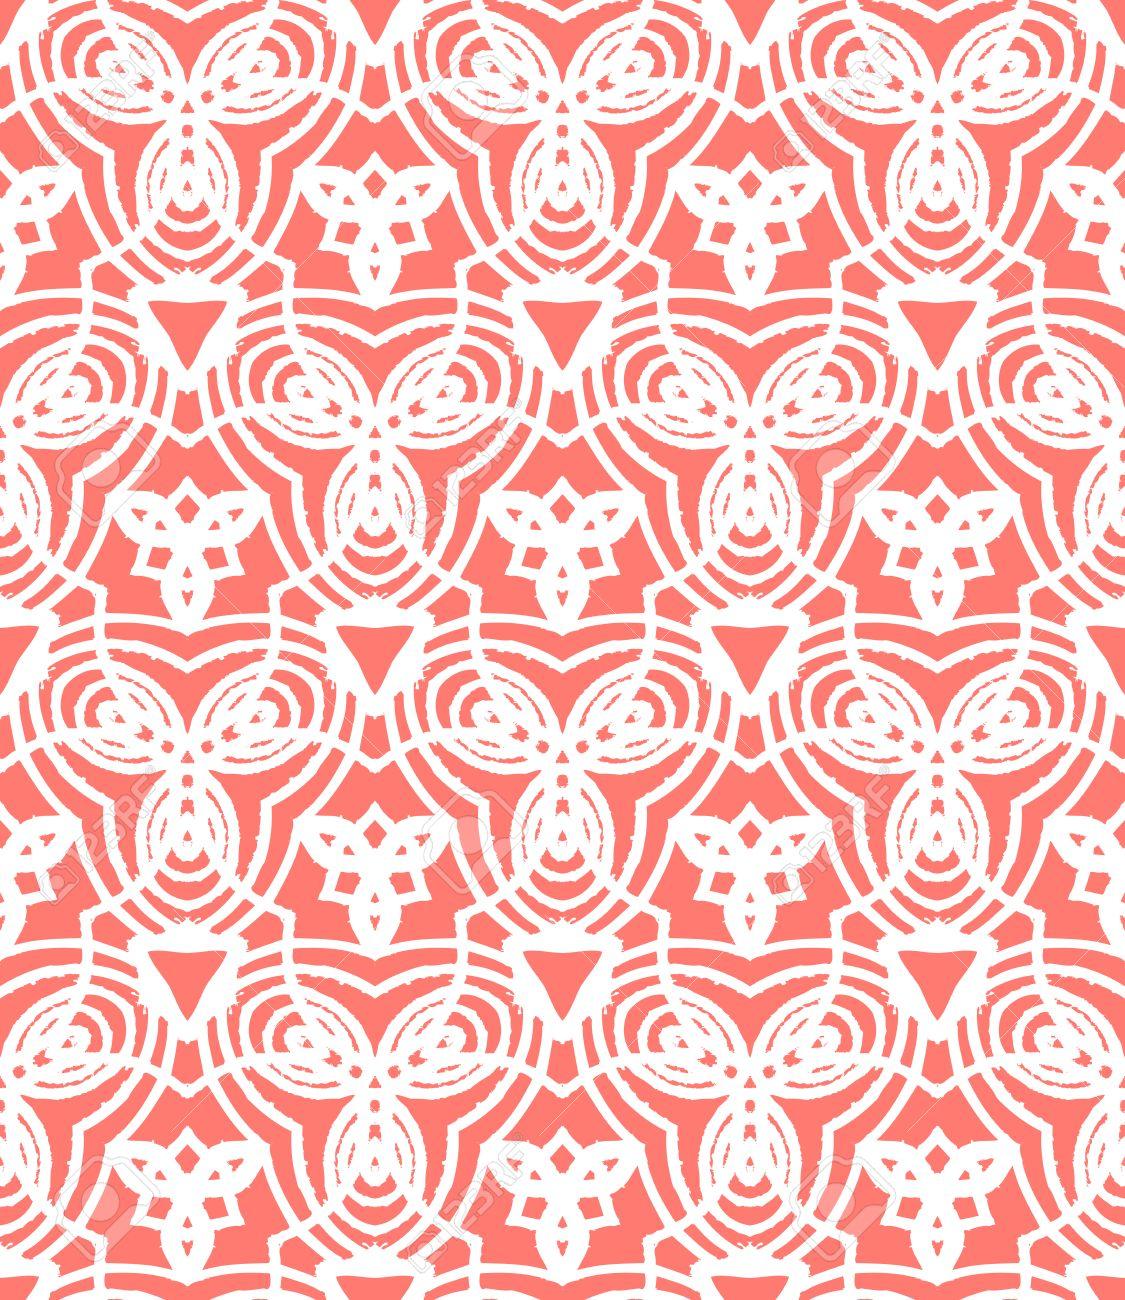 Papier Peint Art Deco Blanc vintage art déco motif de vecteur dans le corail rouge et blanc. texture  transparente pour le web; imprimer; papier peint; invitation de mariage ou